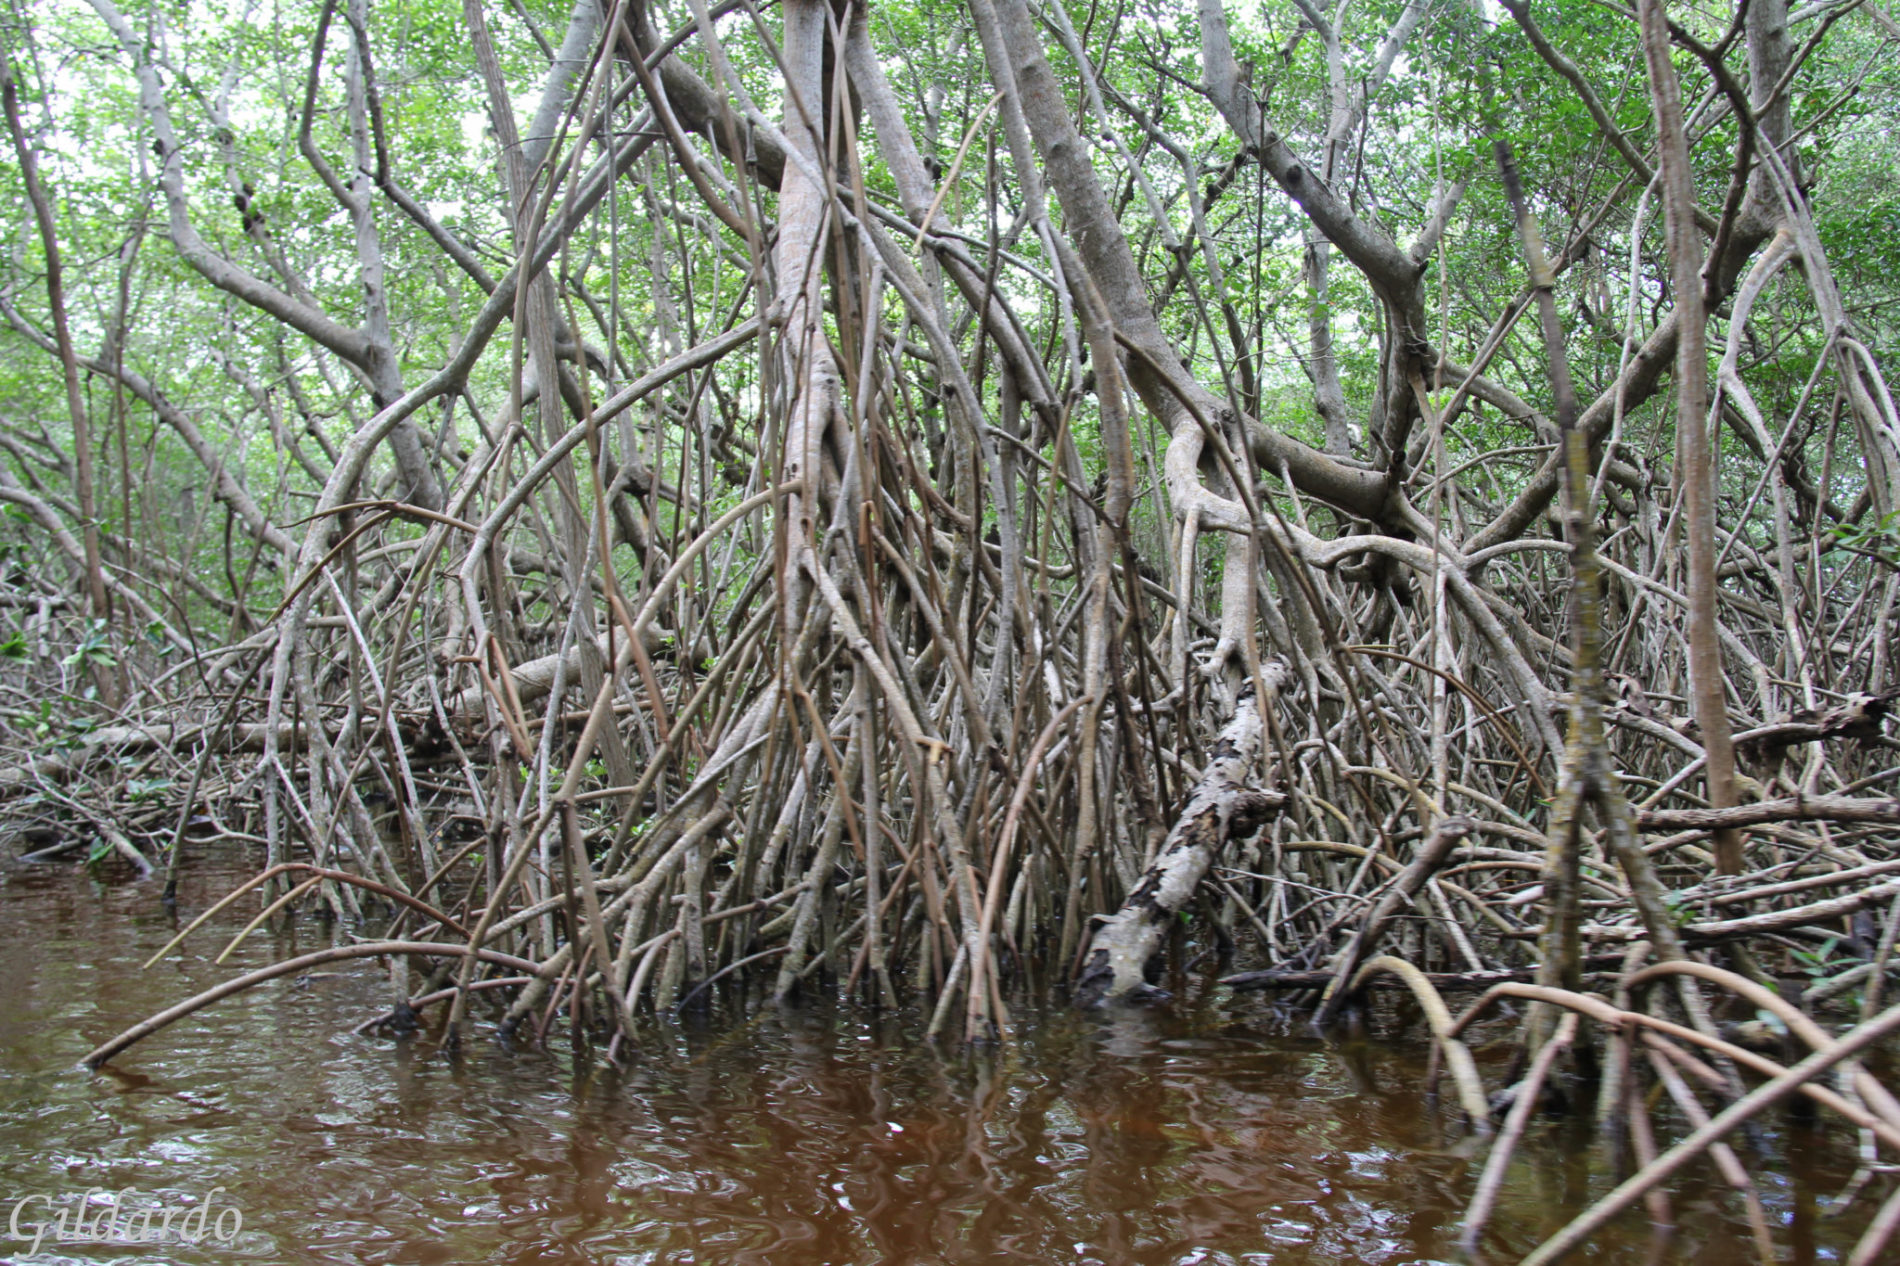 cénote-oxman-valladolid-15-jours-yucatan